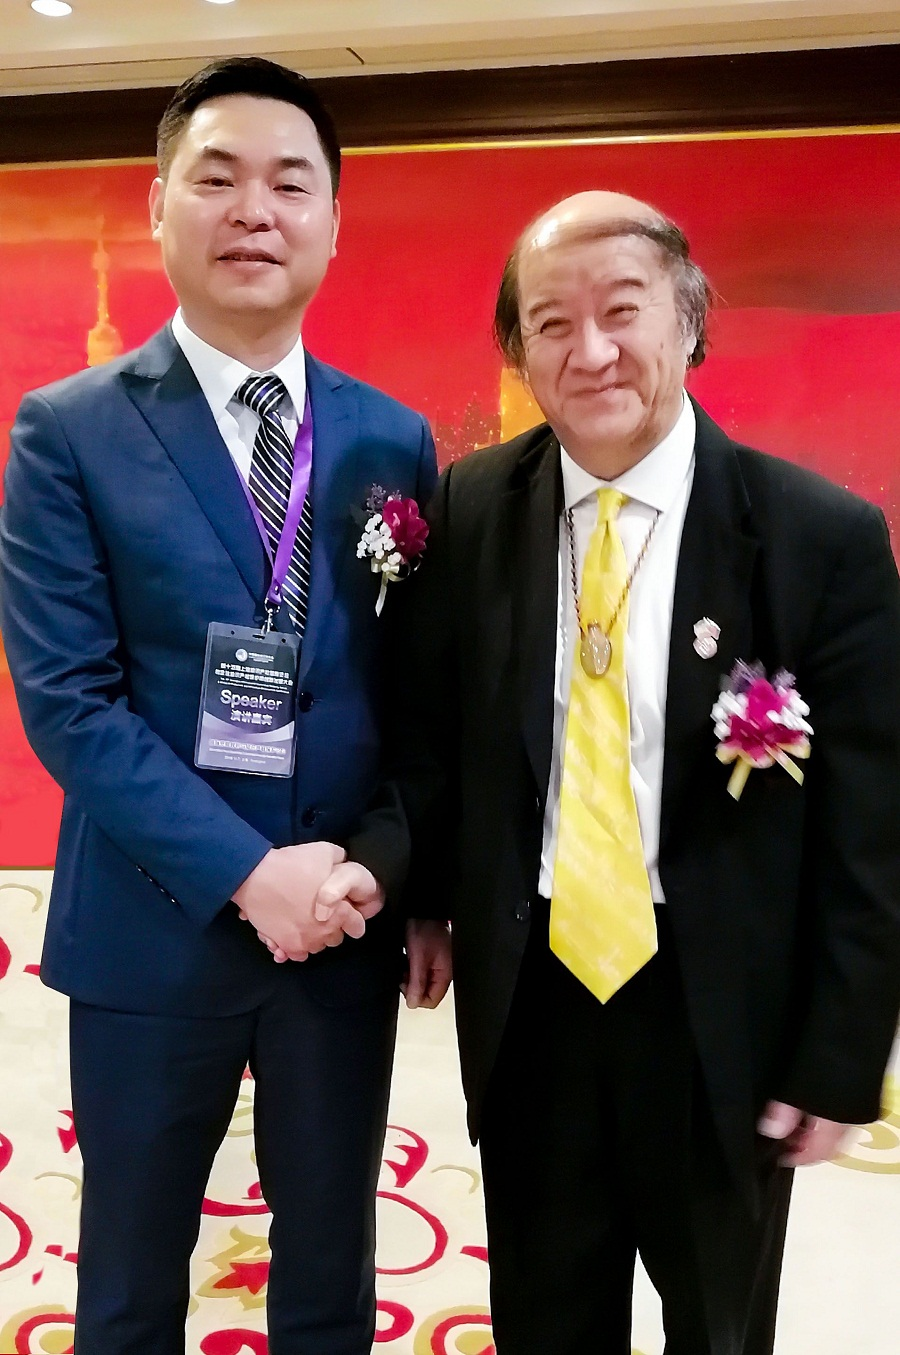 2018进博会进行时,尚标集团董事长林建胜先生受邀发表主题演讲